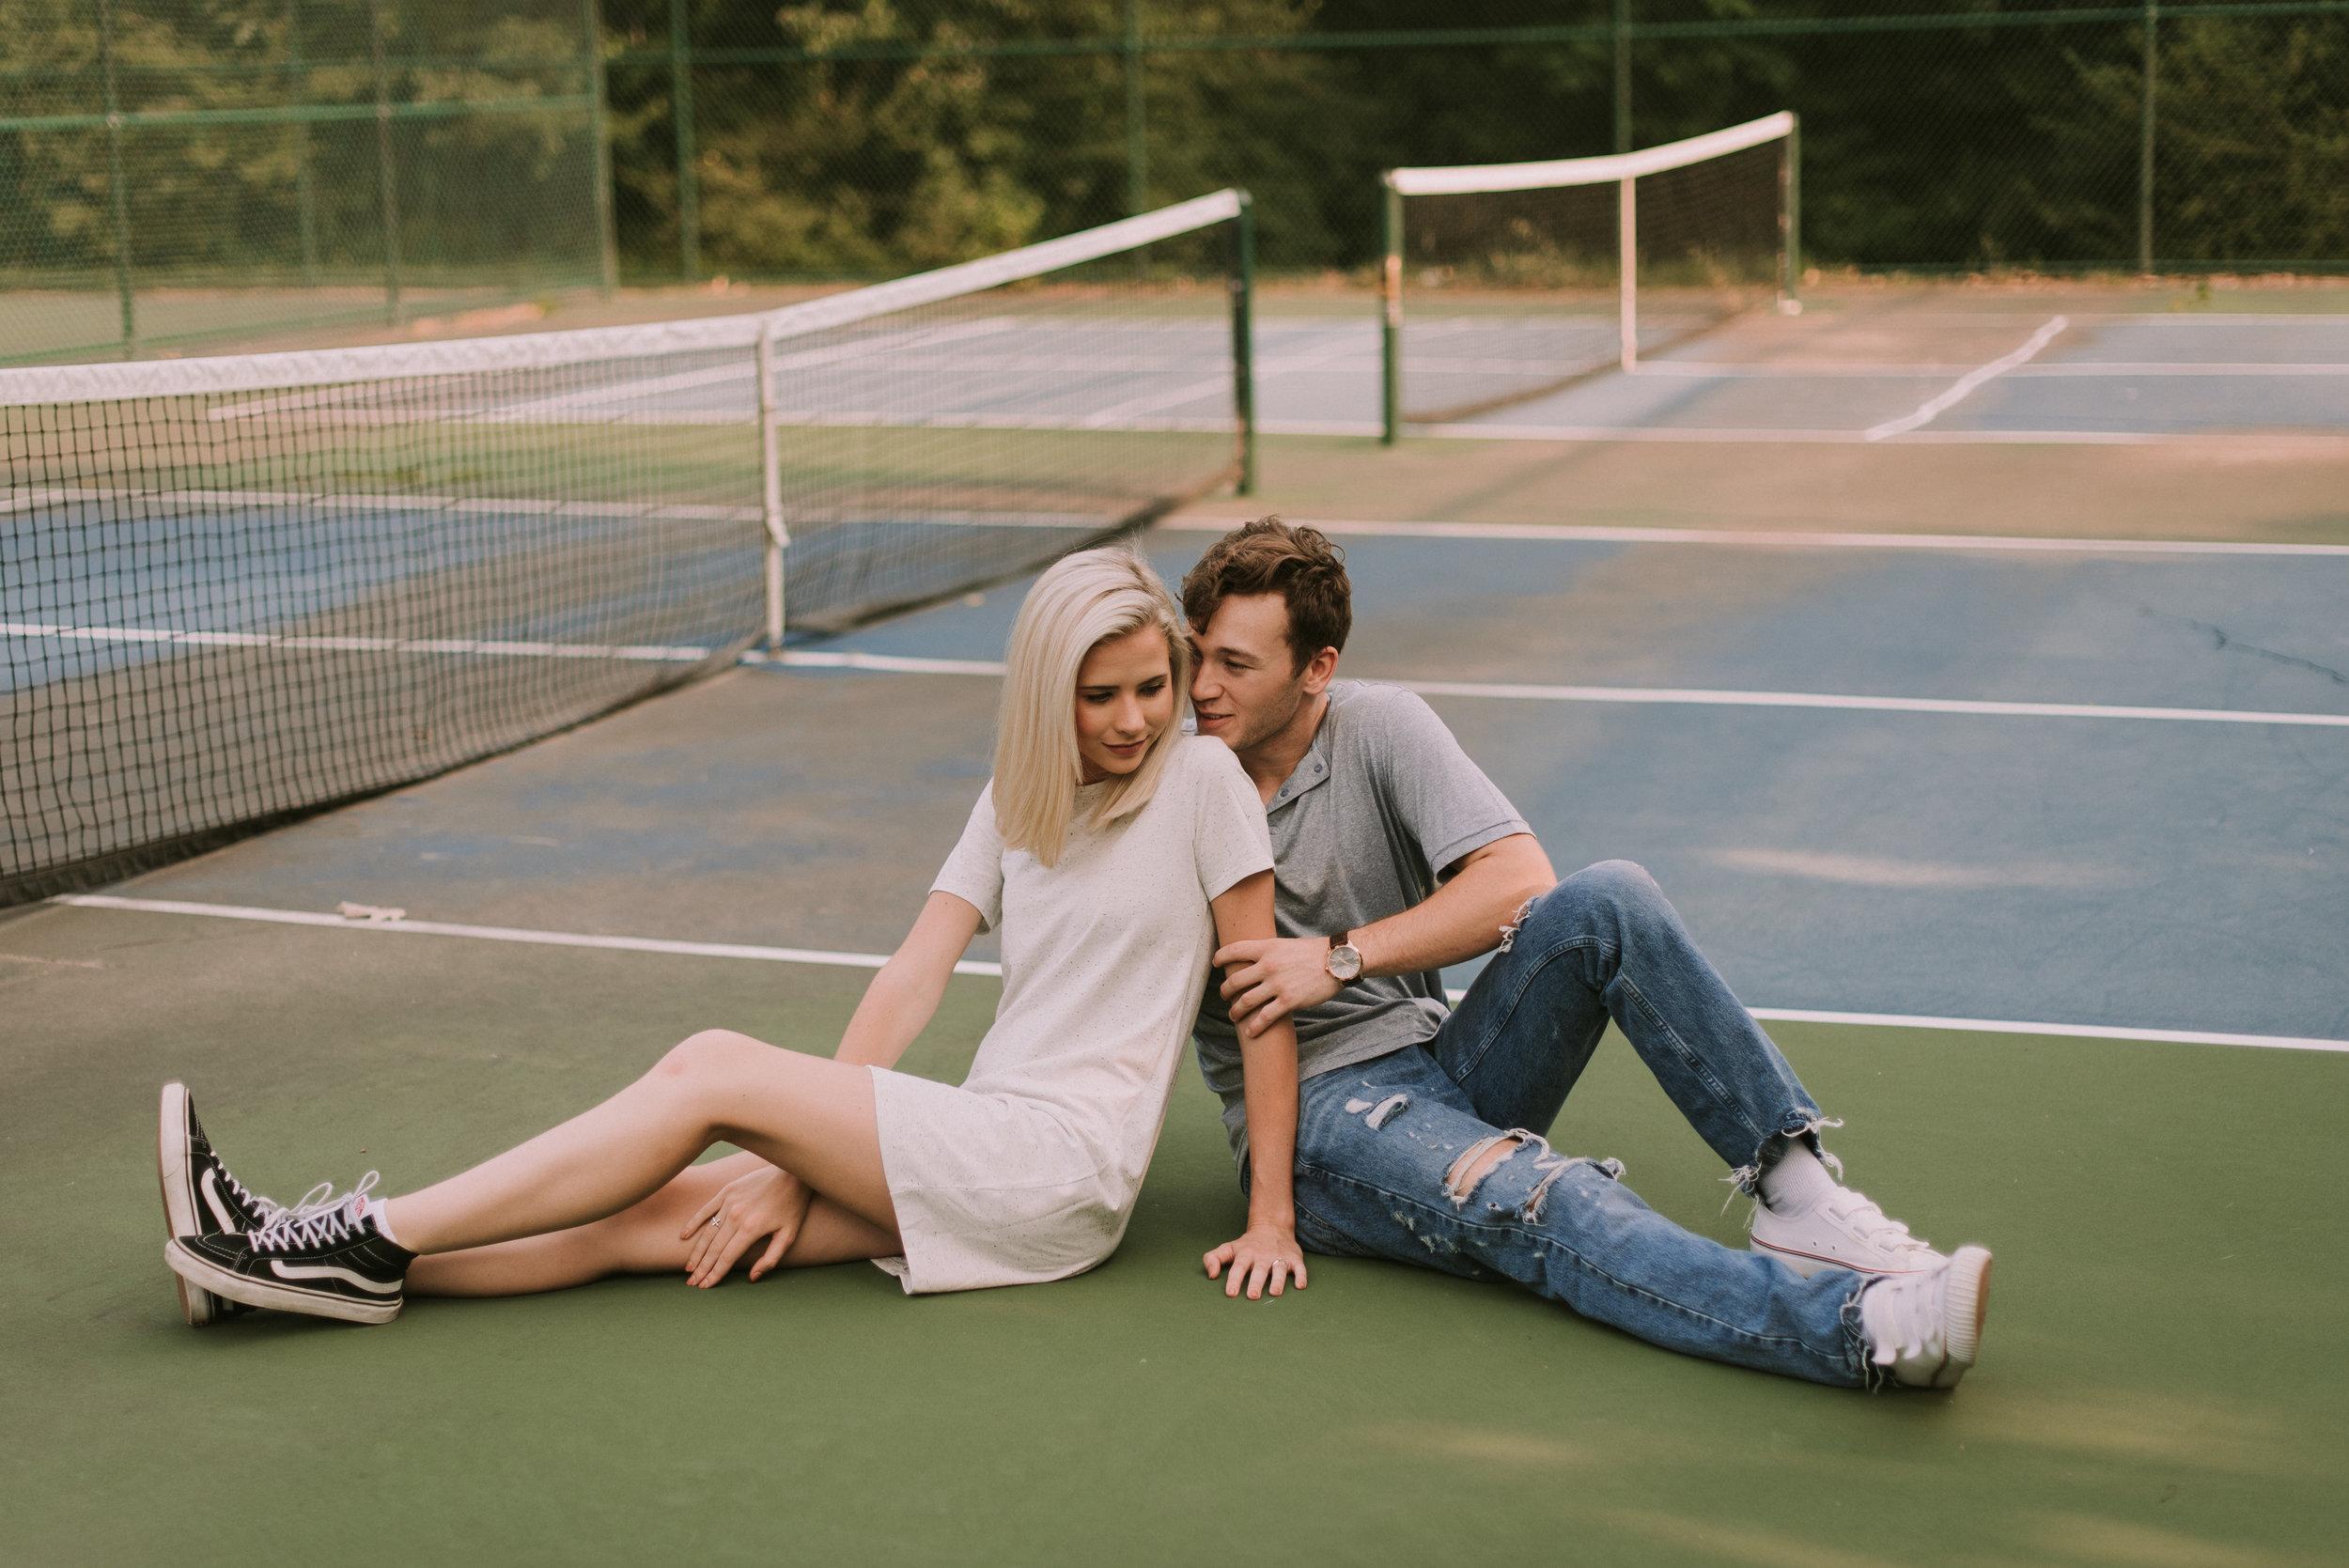 DawsonandKaileyTennisCourtEngagementsFayettevilleArkansasFreckledFoxPhotography-9319.jpg